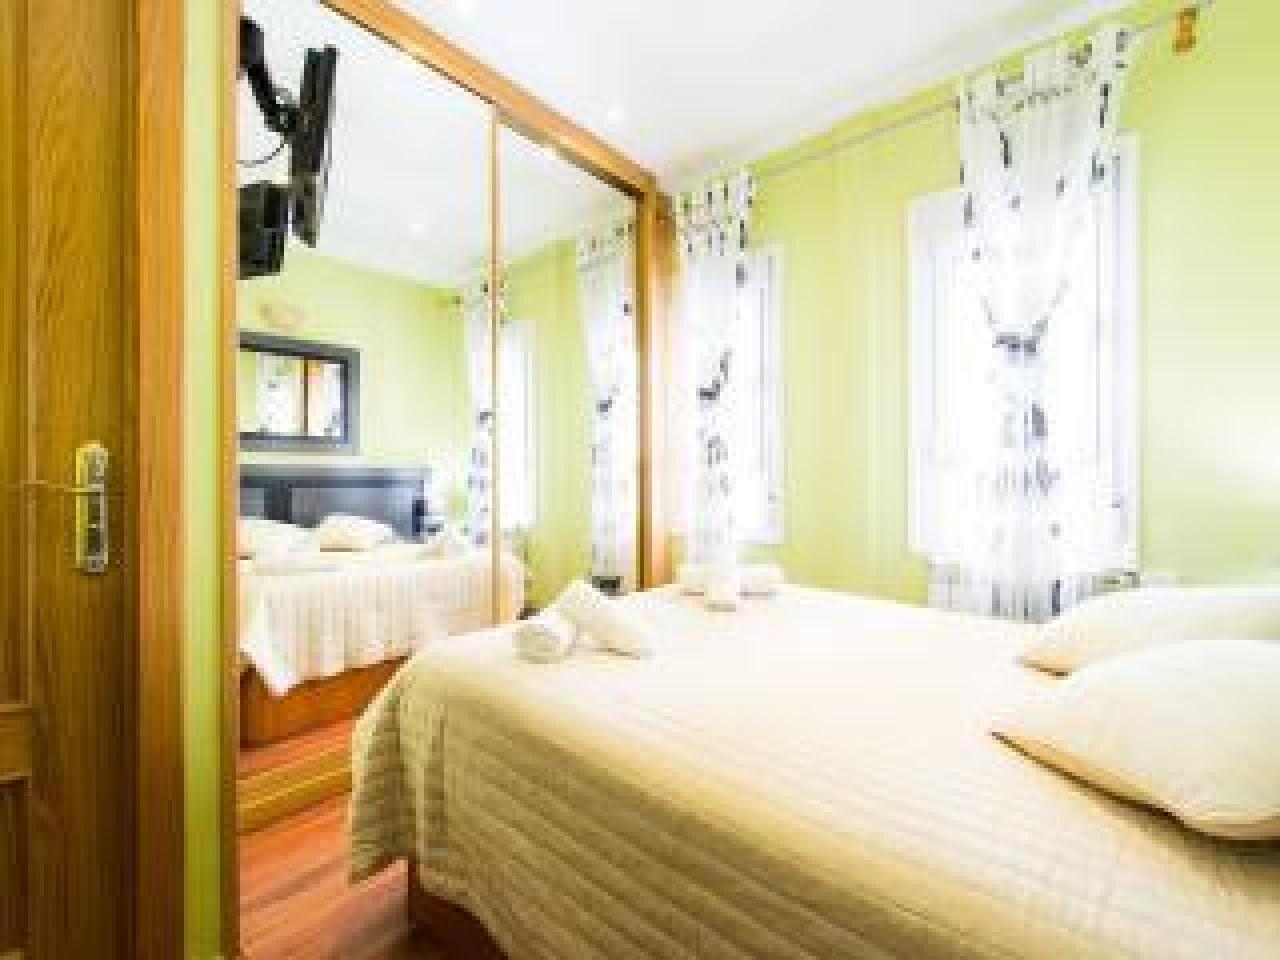 Alquiler de habitaciones Madrid, Madrid